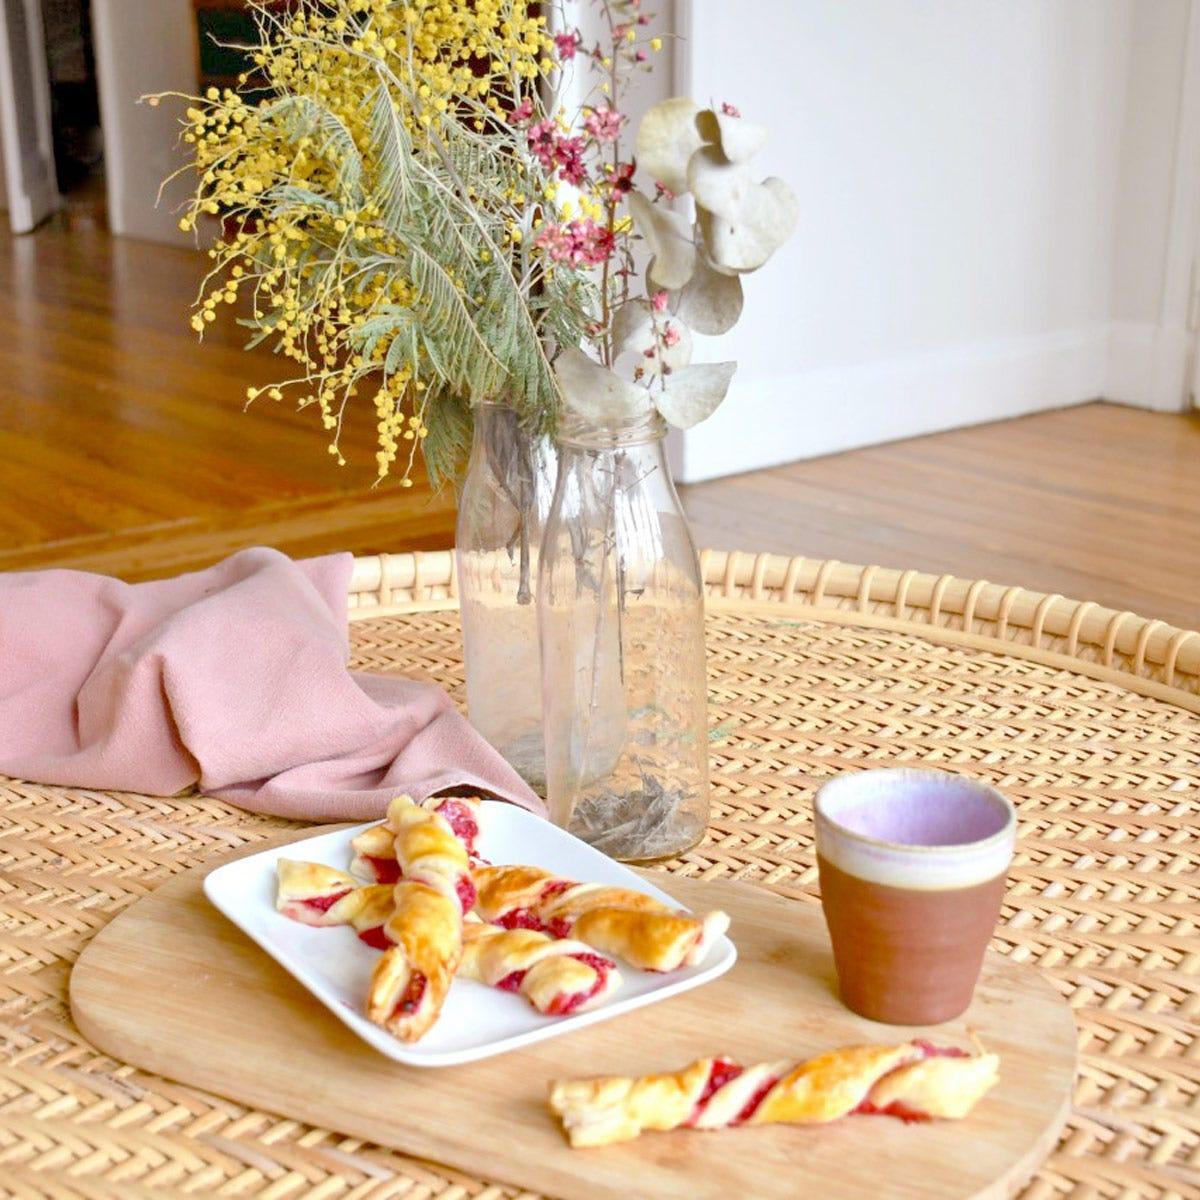 Probieren Sie diesen fruchtigen Himbeerzopf für Ihr Kaffeetrinken. Ein wahrer Genuss für Groß und Klein!